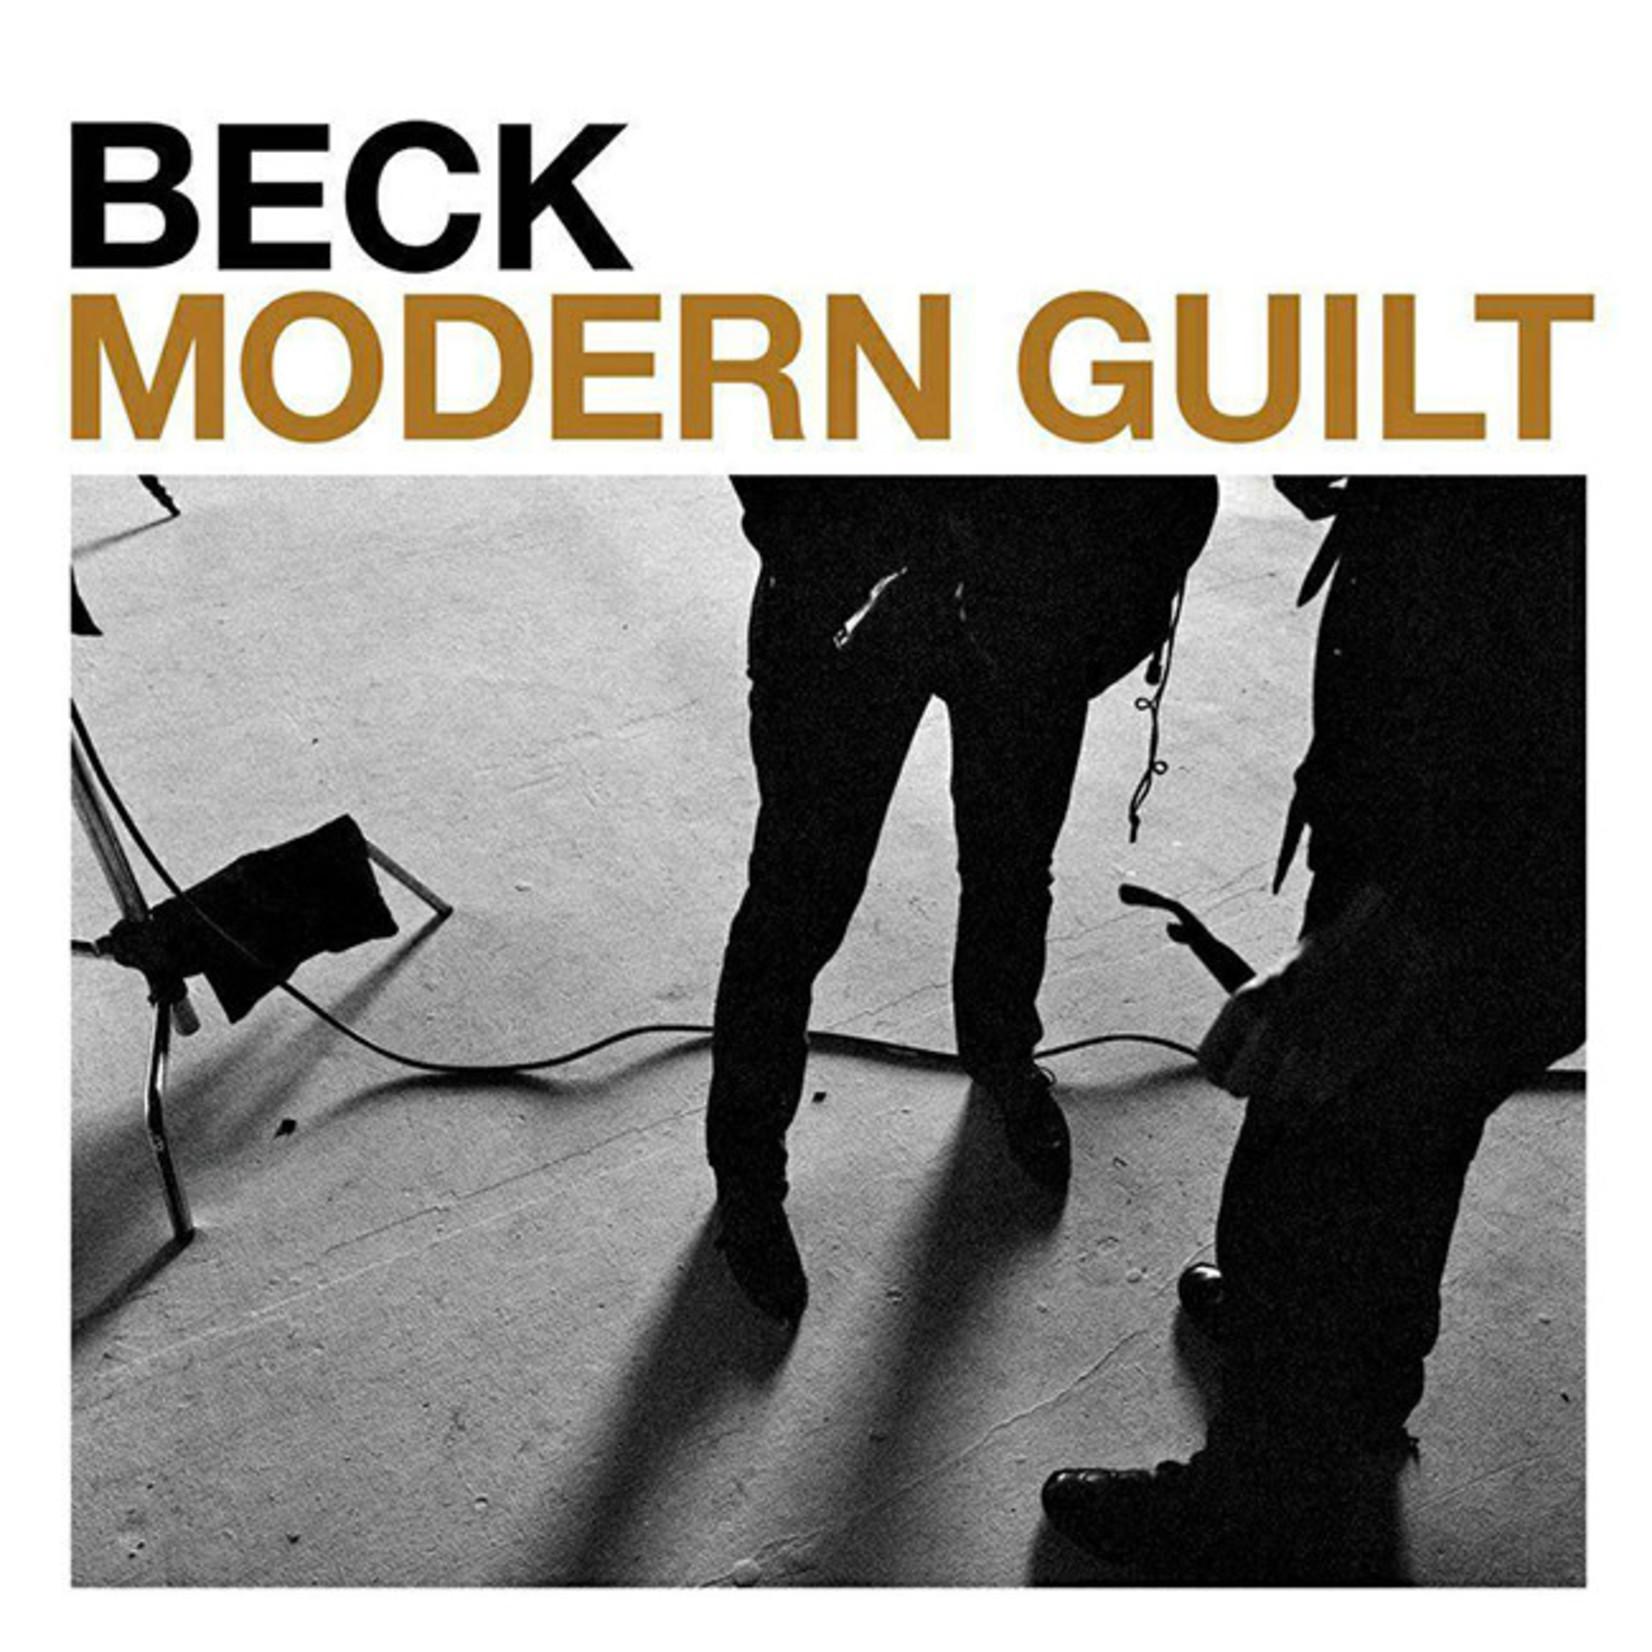 [New] Beck: Modern Guilt